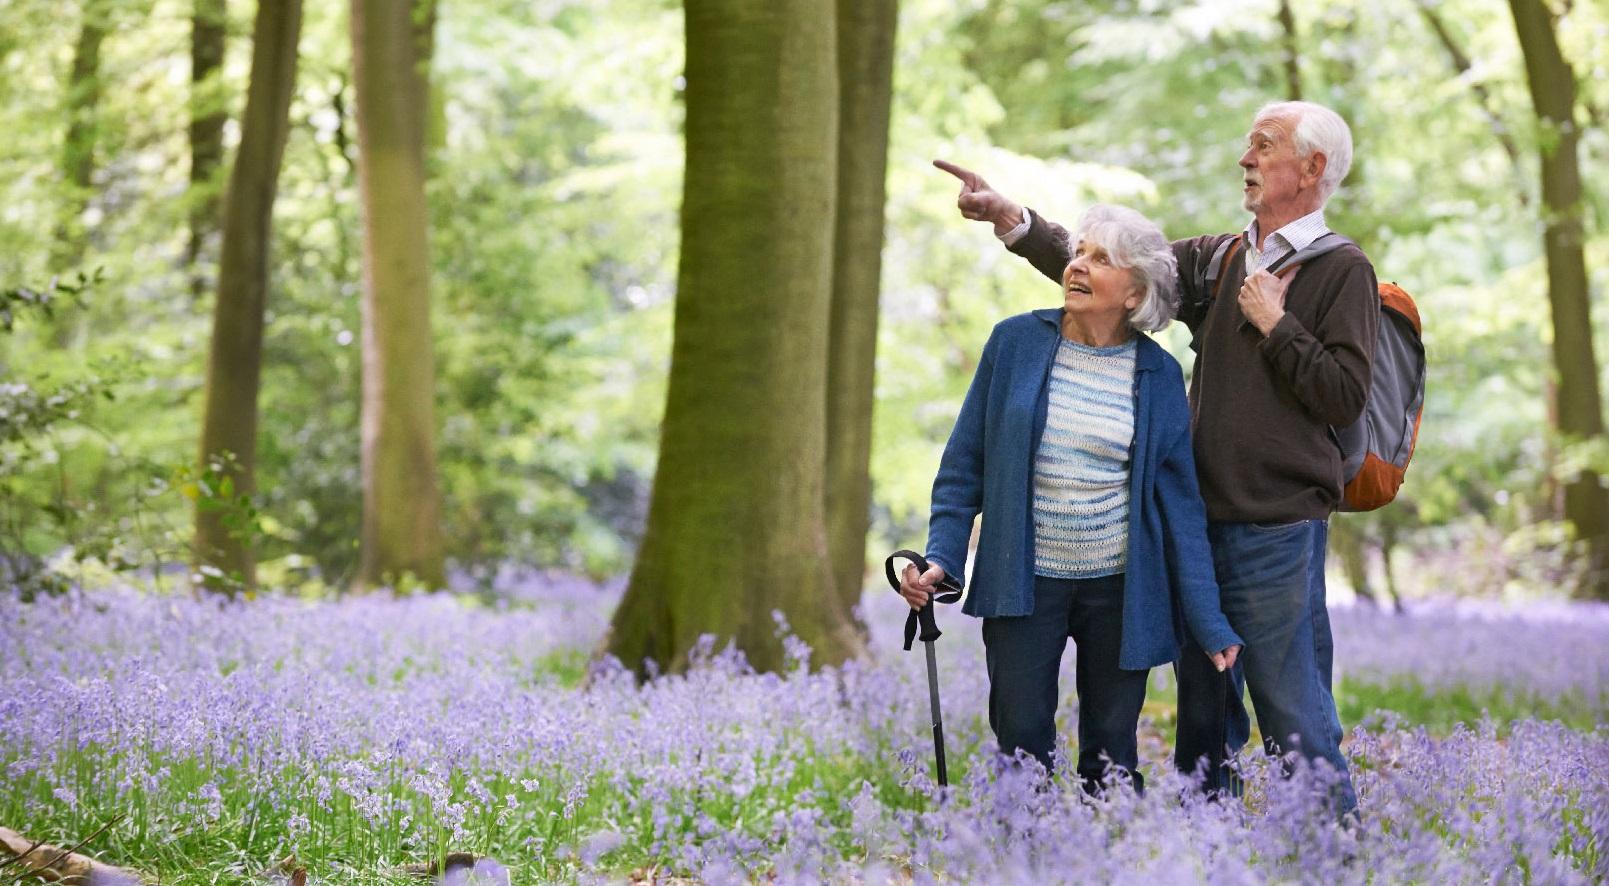 Đi bộ trong thiên nhiên là bài tập vô cùng tốt giúp tăng cường trí não